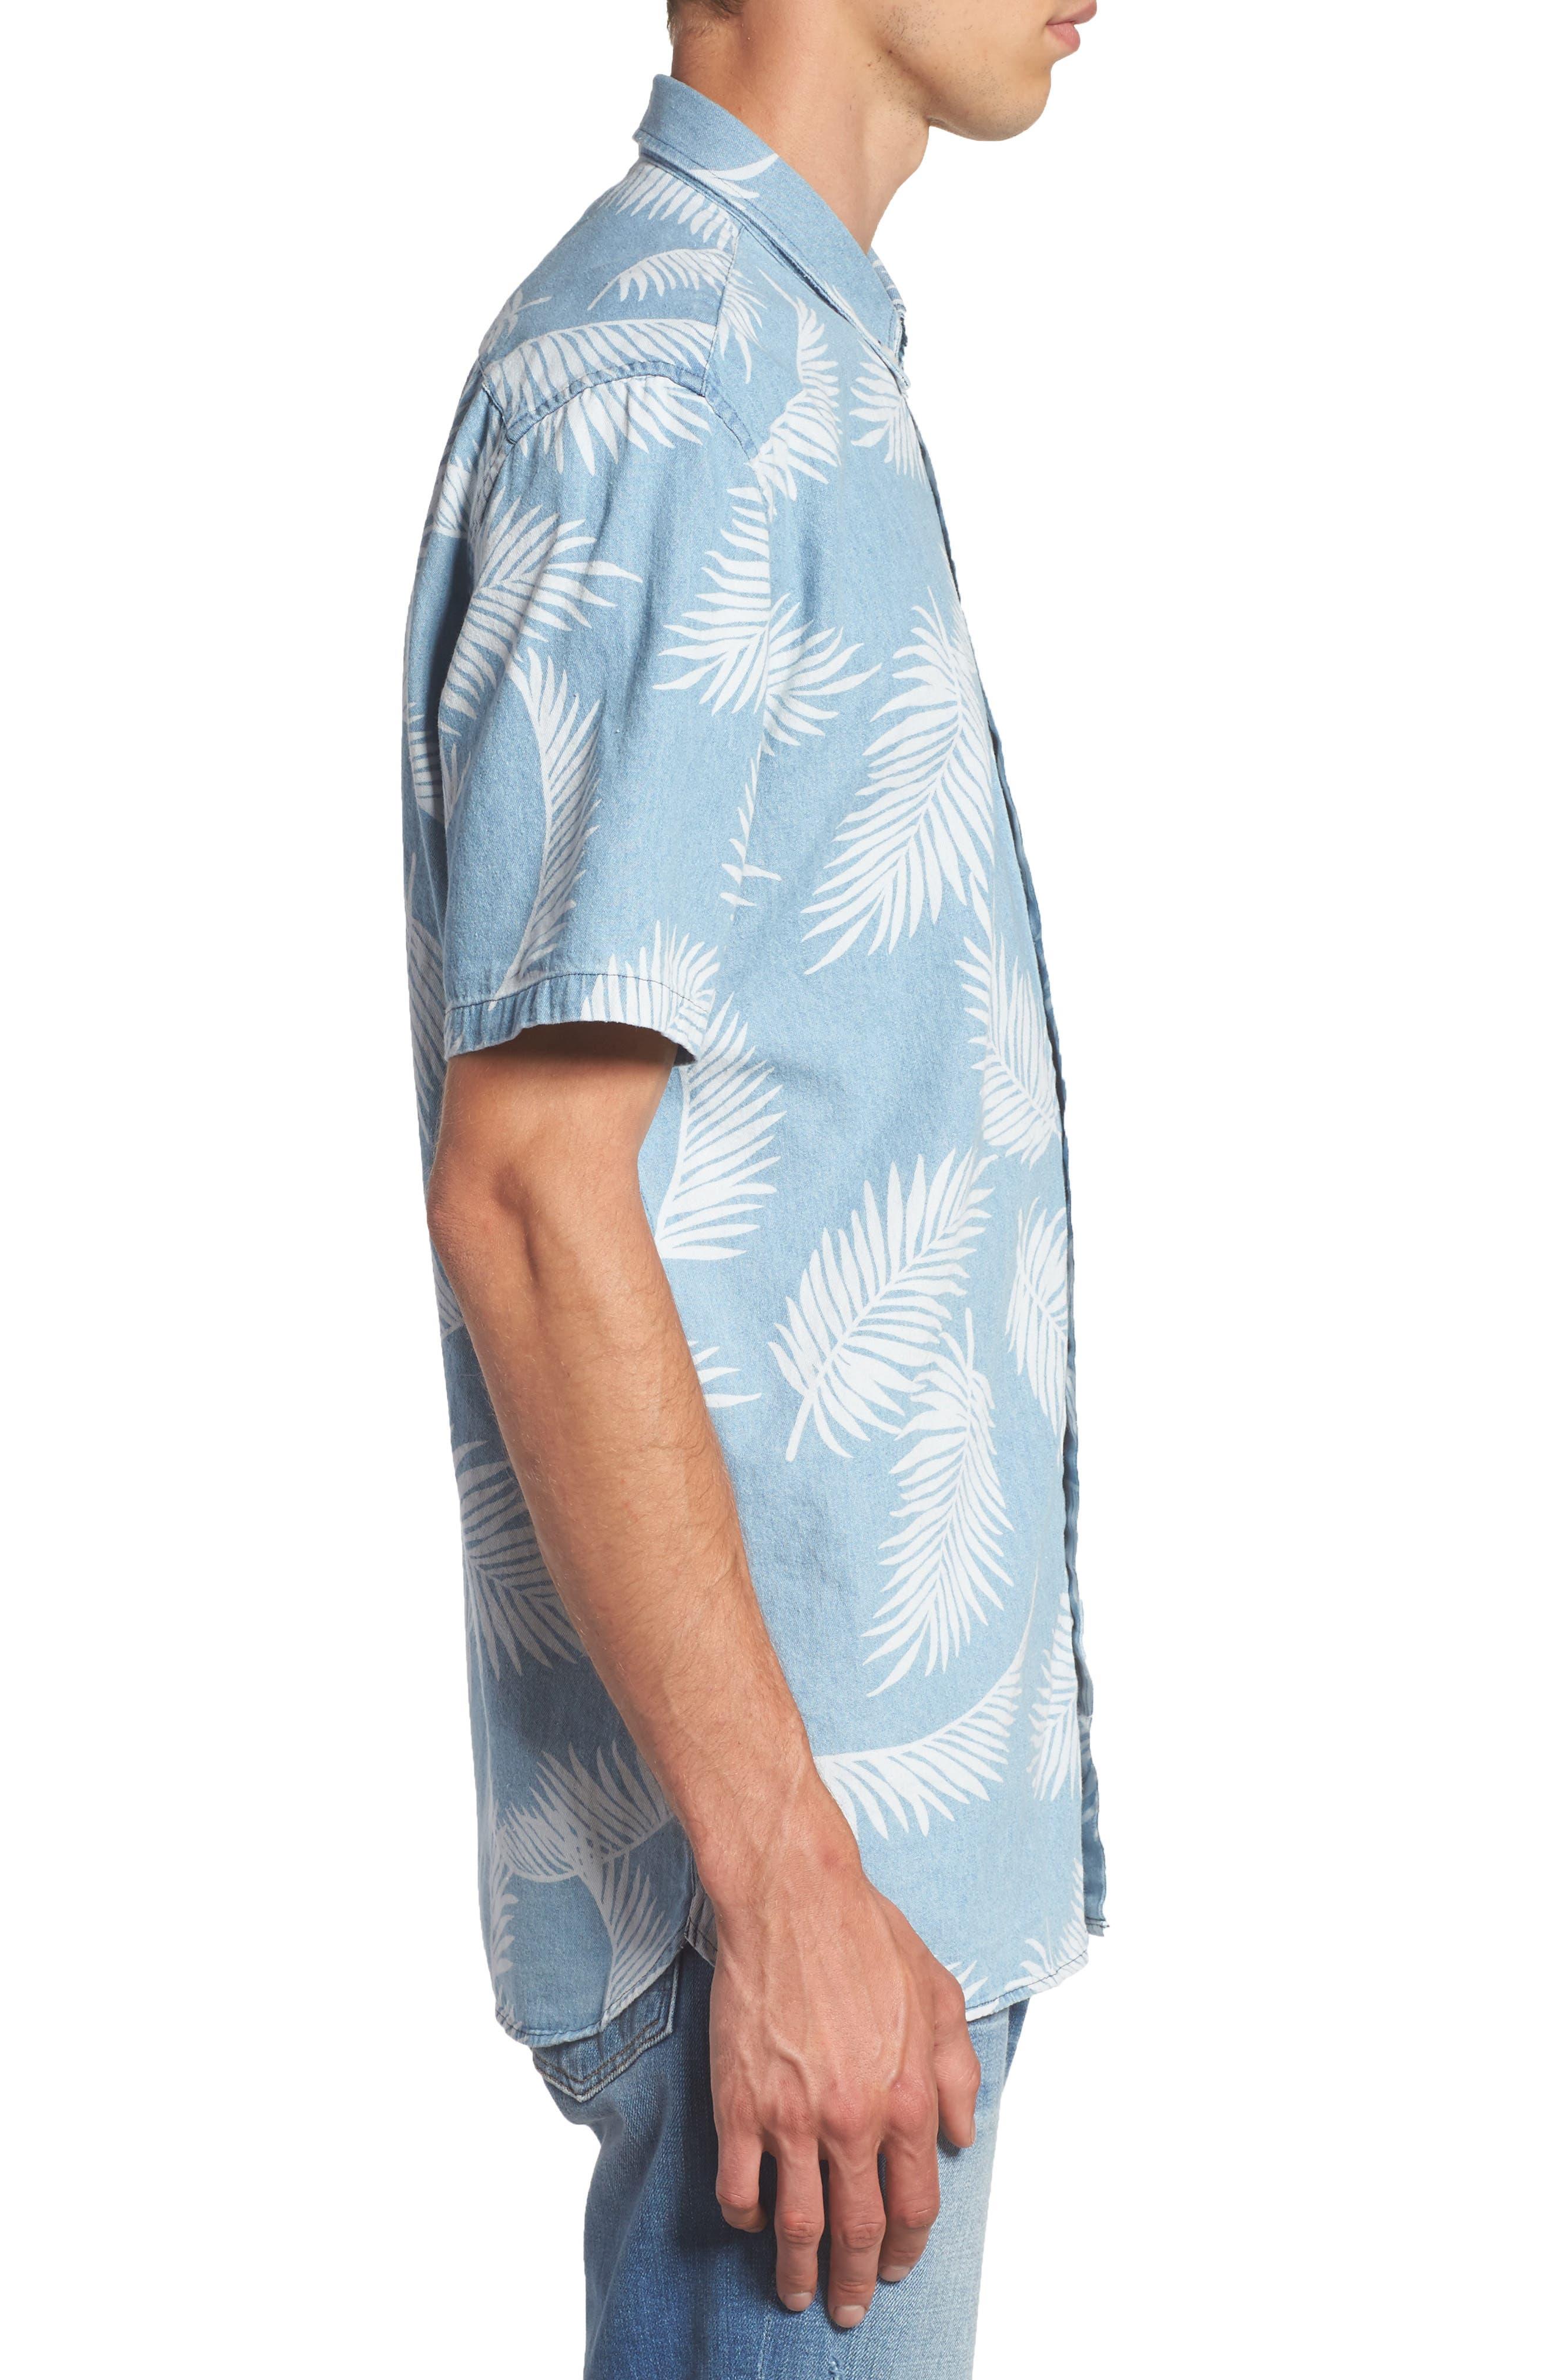 Bahamas Shirt,                             Alternate thumbnail 3, color,                             Indigo/ Floral